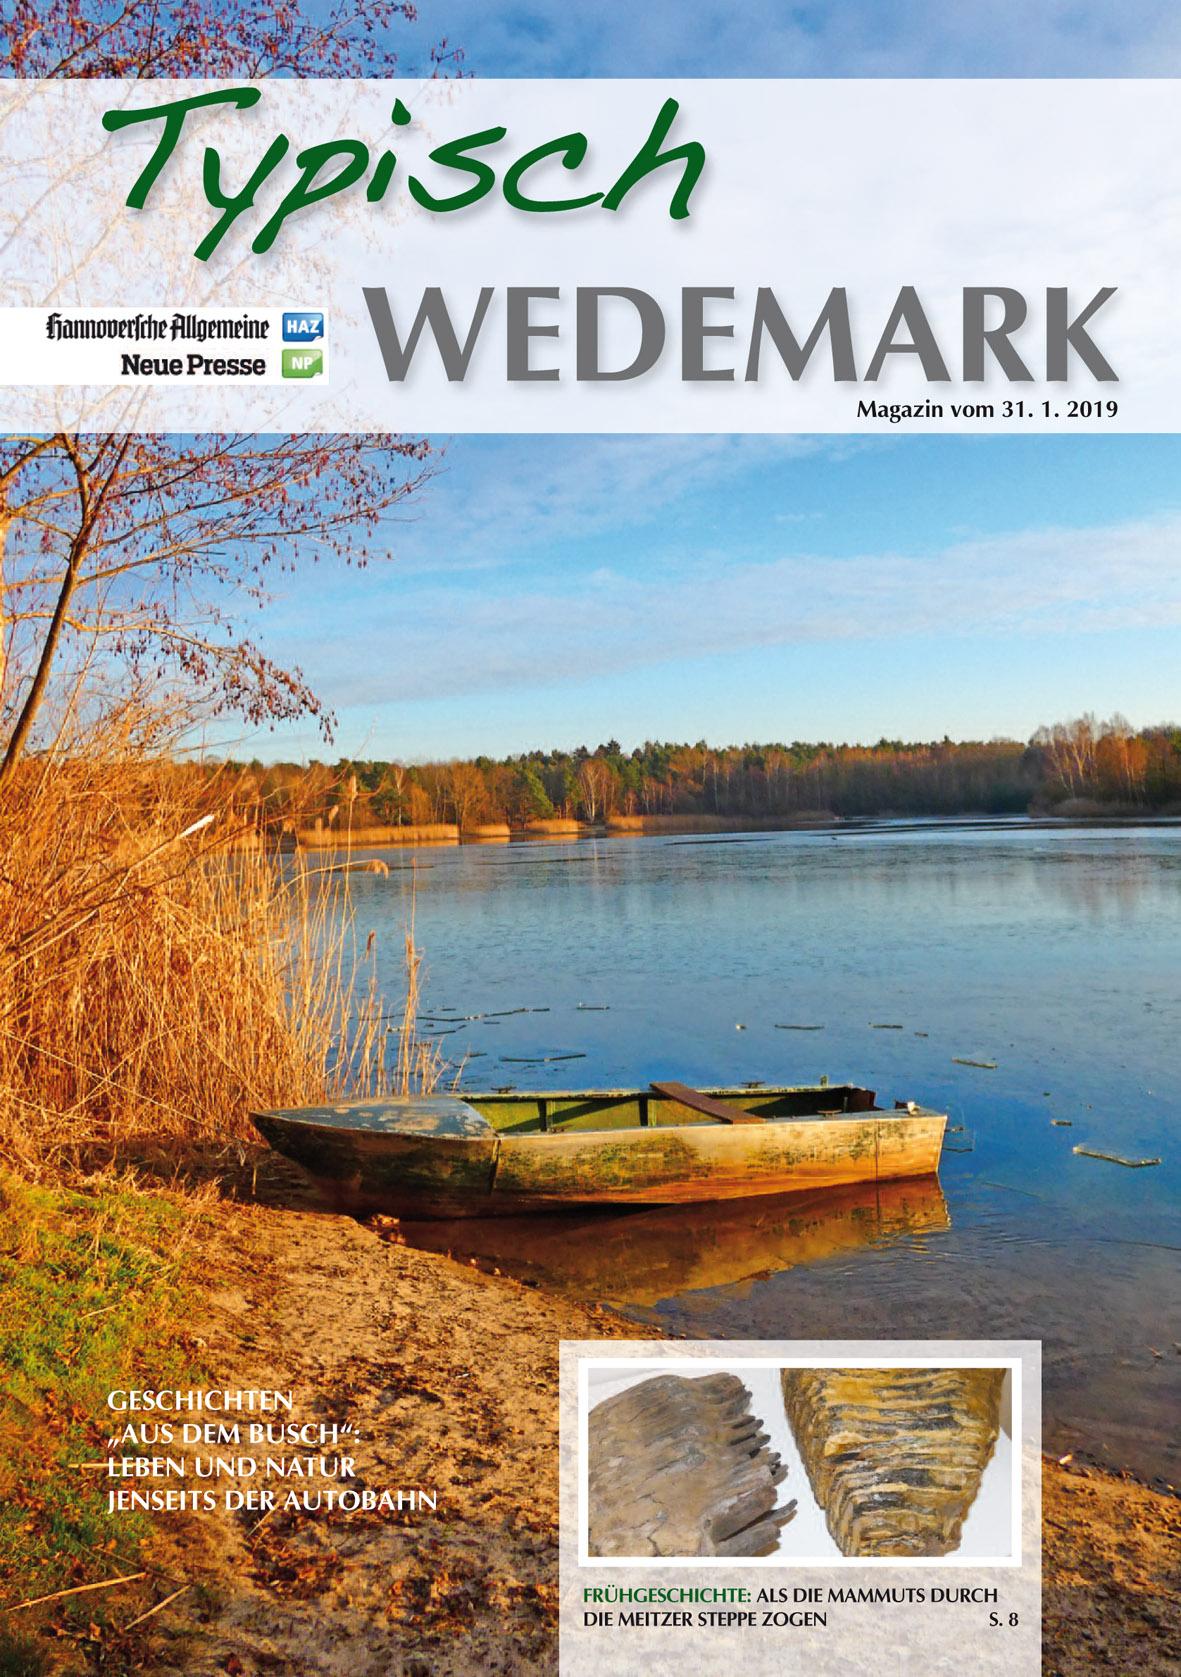 wedemark-vom-31-01-2019